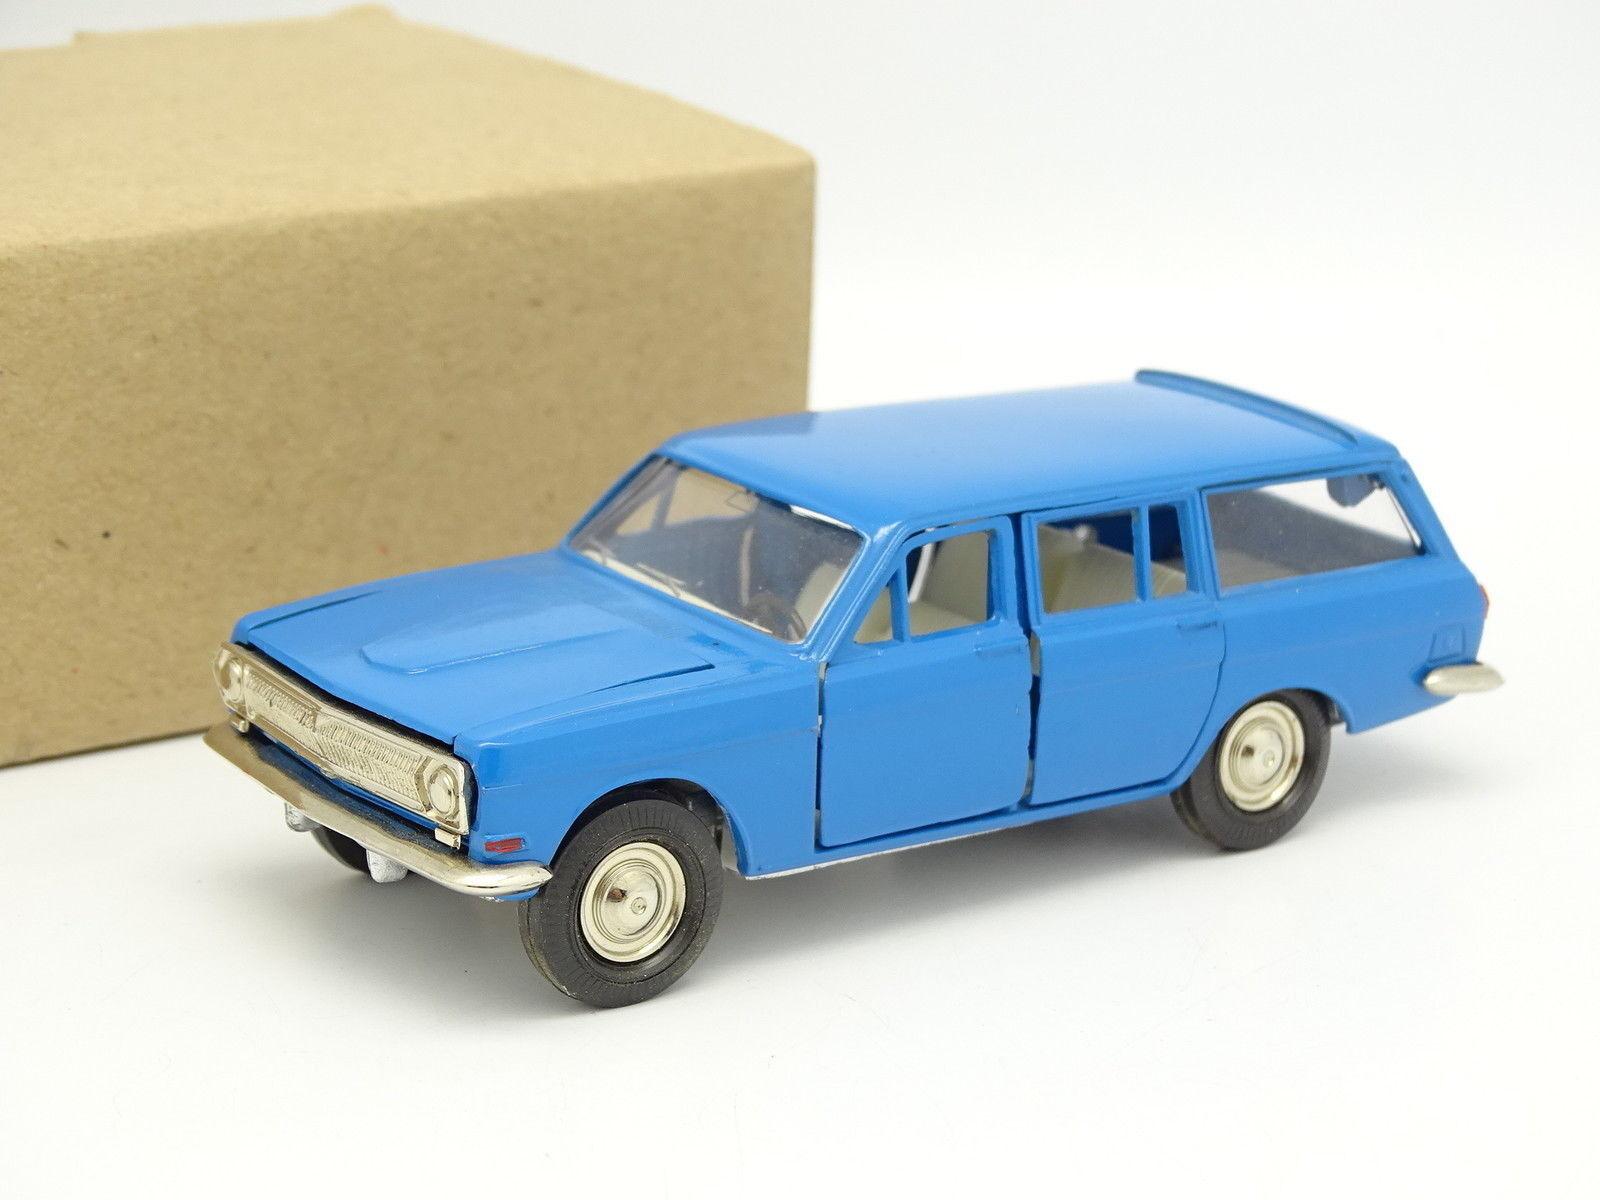 USSR Saratov 1 43 - GAZ 24 02 Volga Bleue Bleue Bleue aa20cc